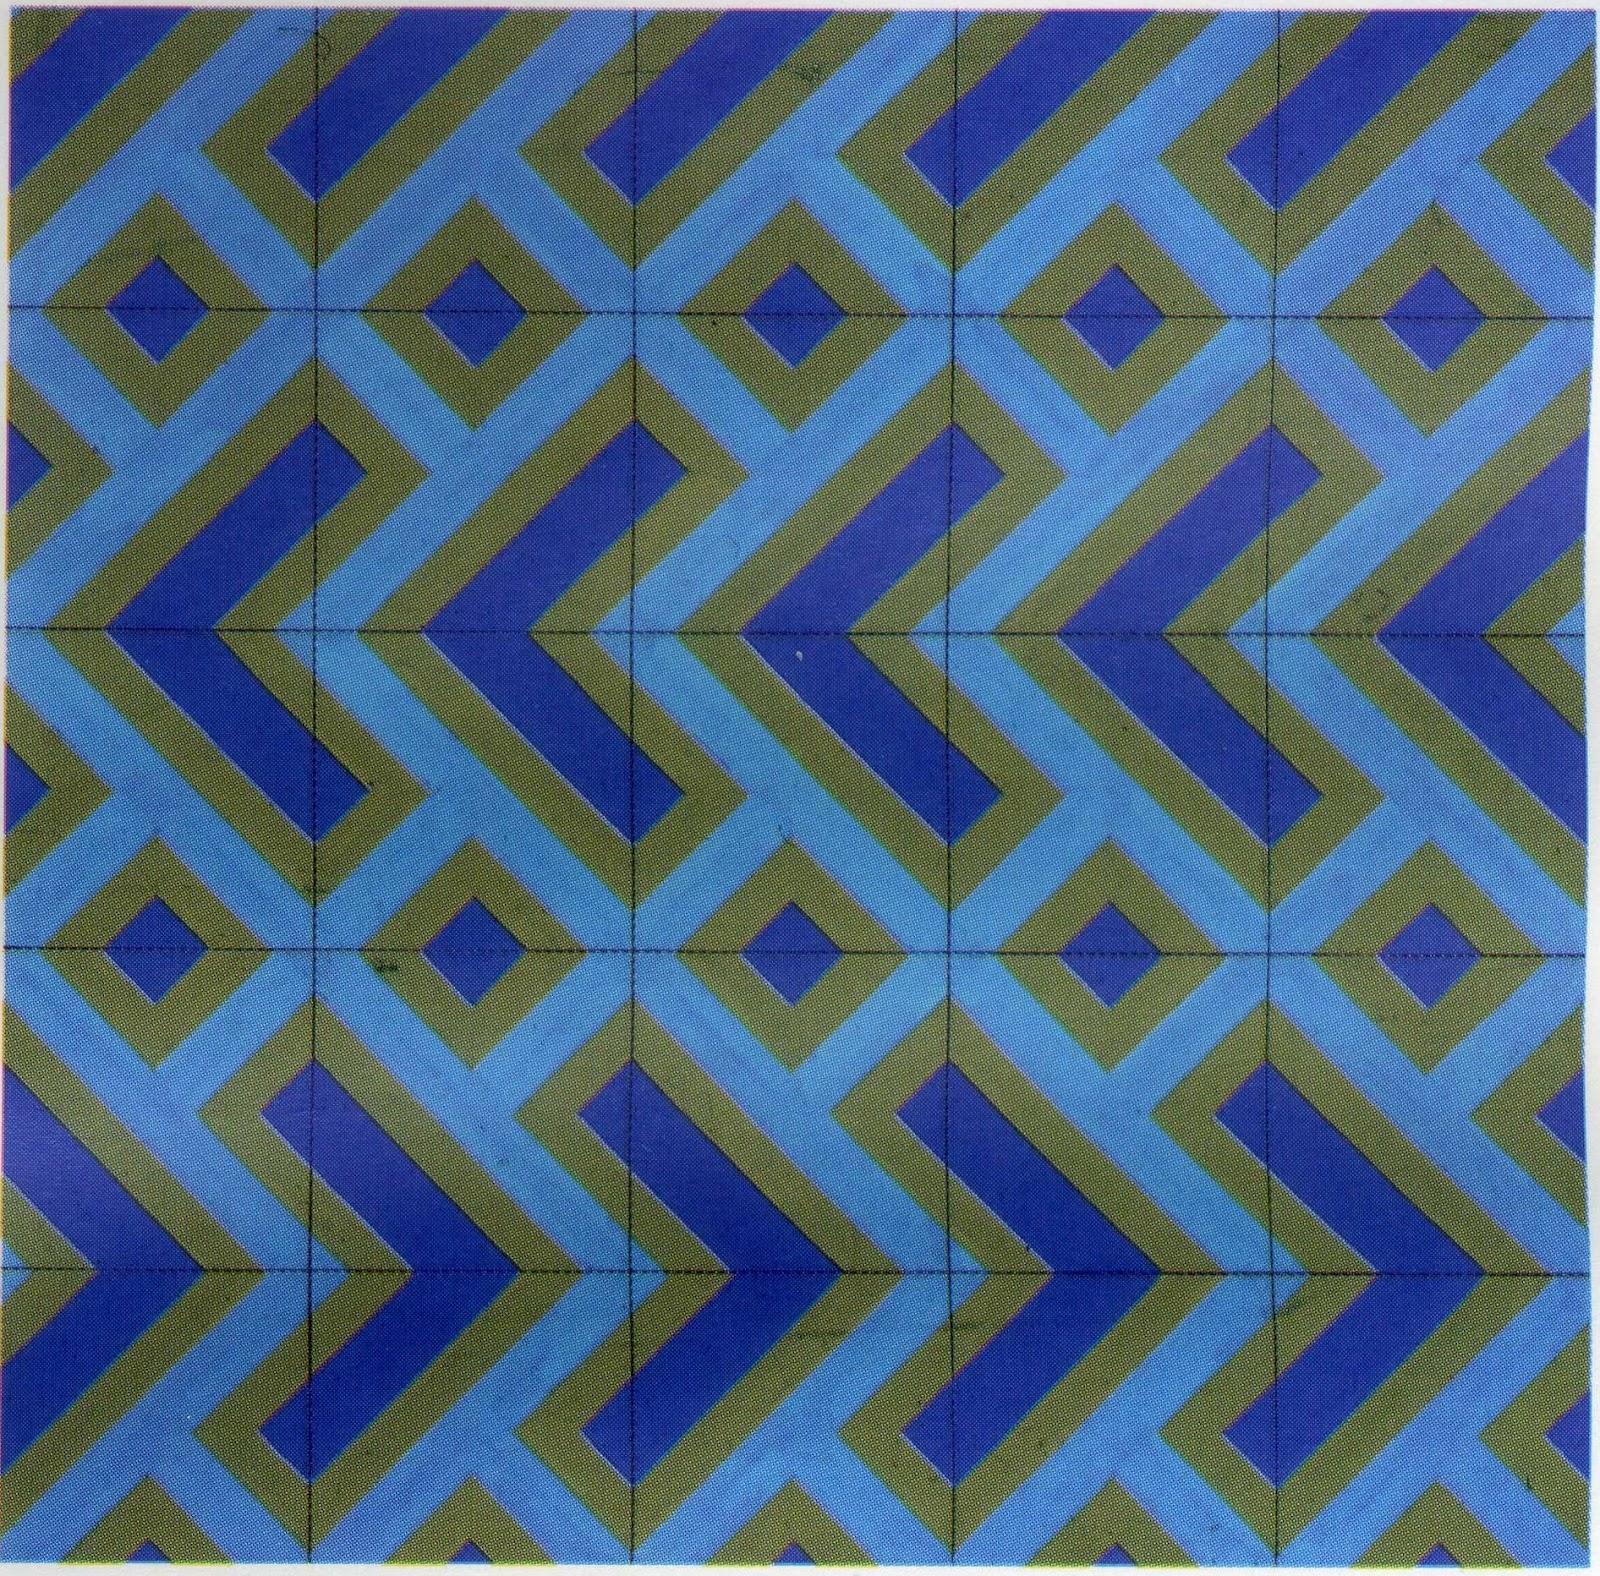 Historia azulejo hd 1080p 4k foto for Azulejos y saneamientos mg